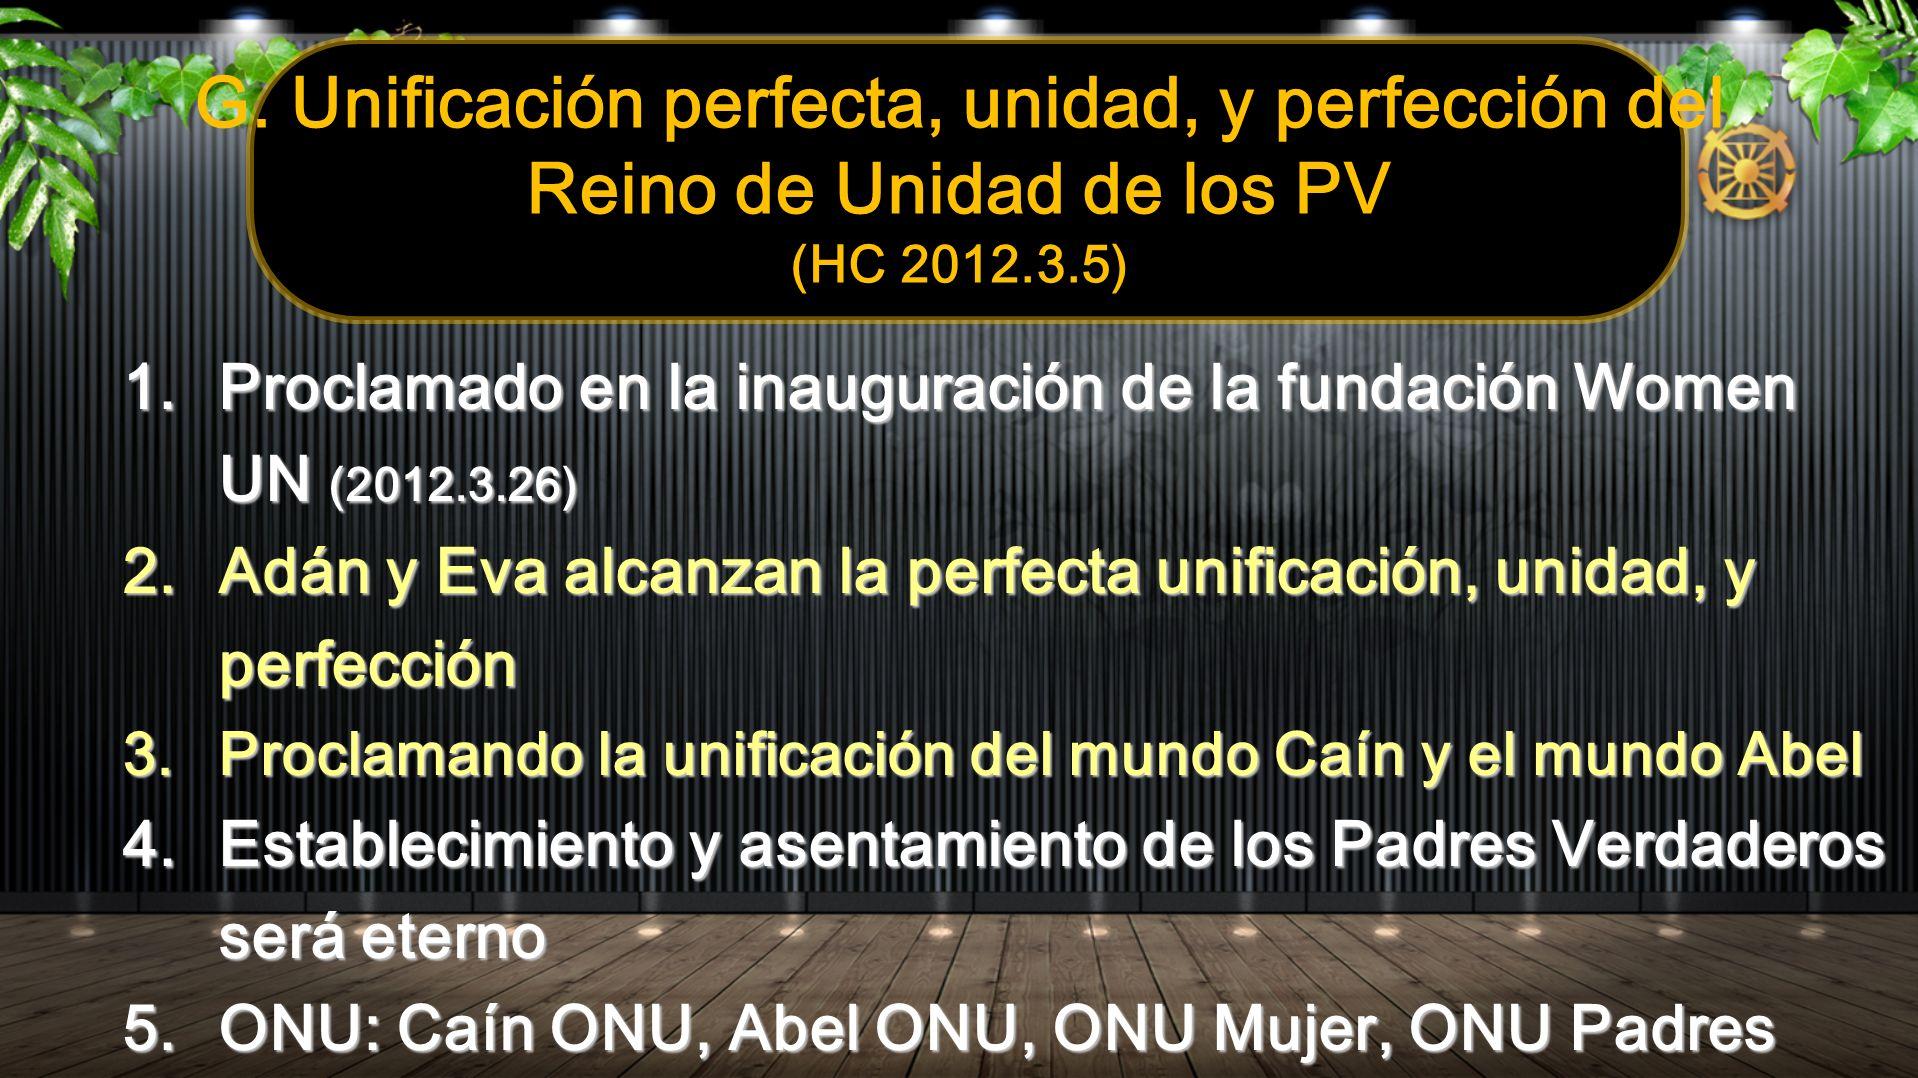 G. Unificación perfecta, unidad, y perfección del Reino de Unidad de los PV